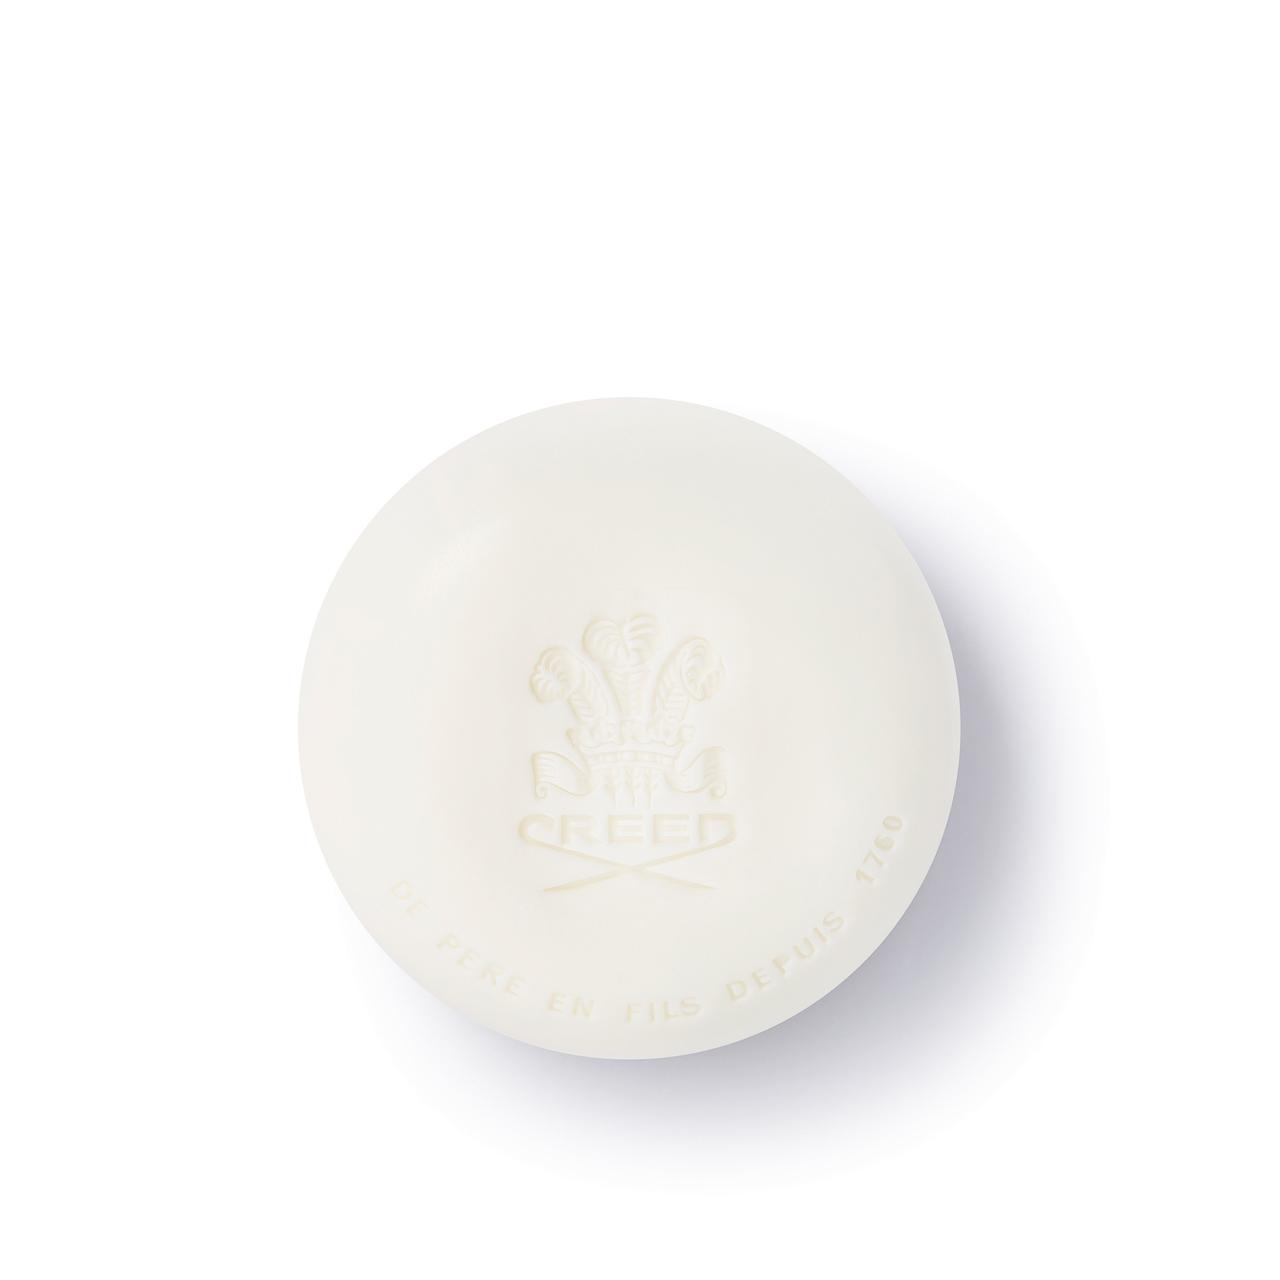 Green Irish Tweed - Bath Soap